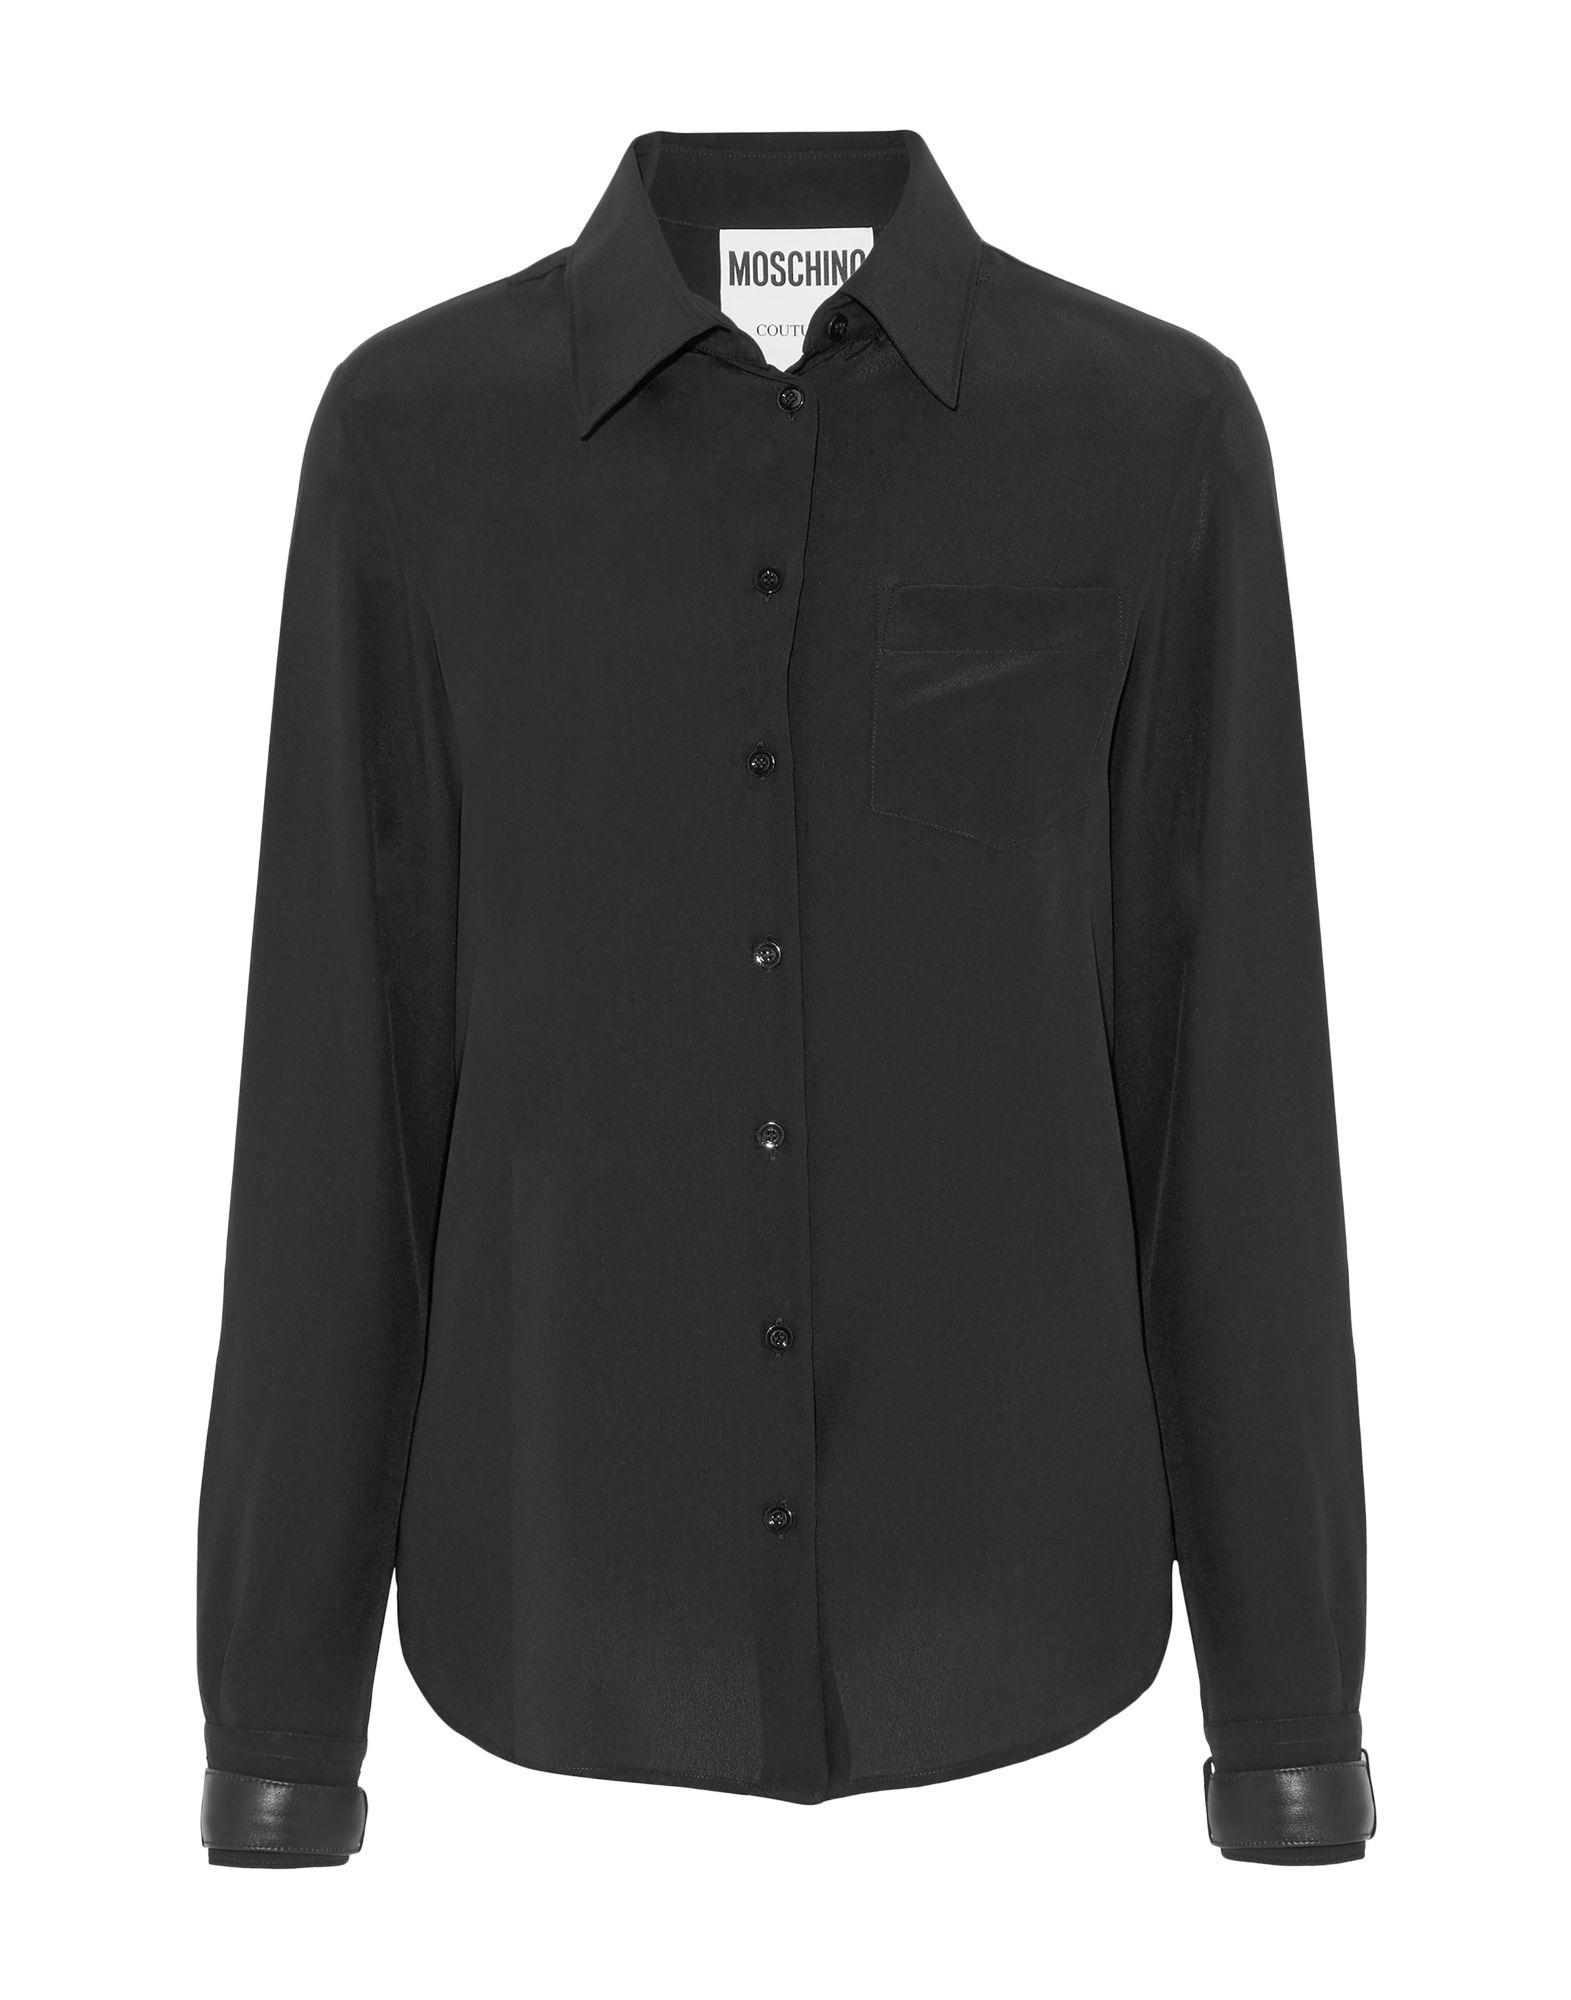 MOSCHINO Pубашка кожаные ремешки для мужских часов ориент